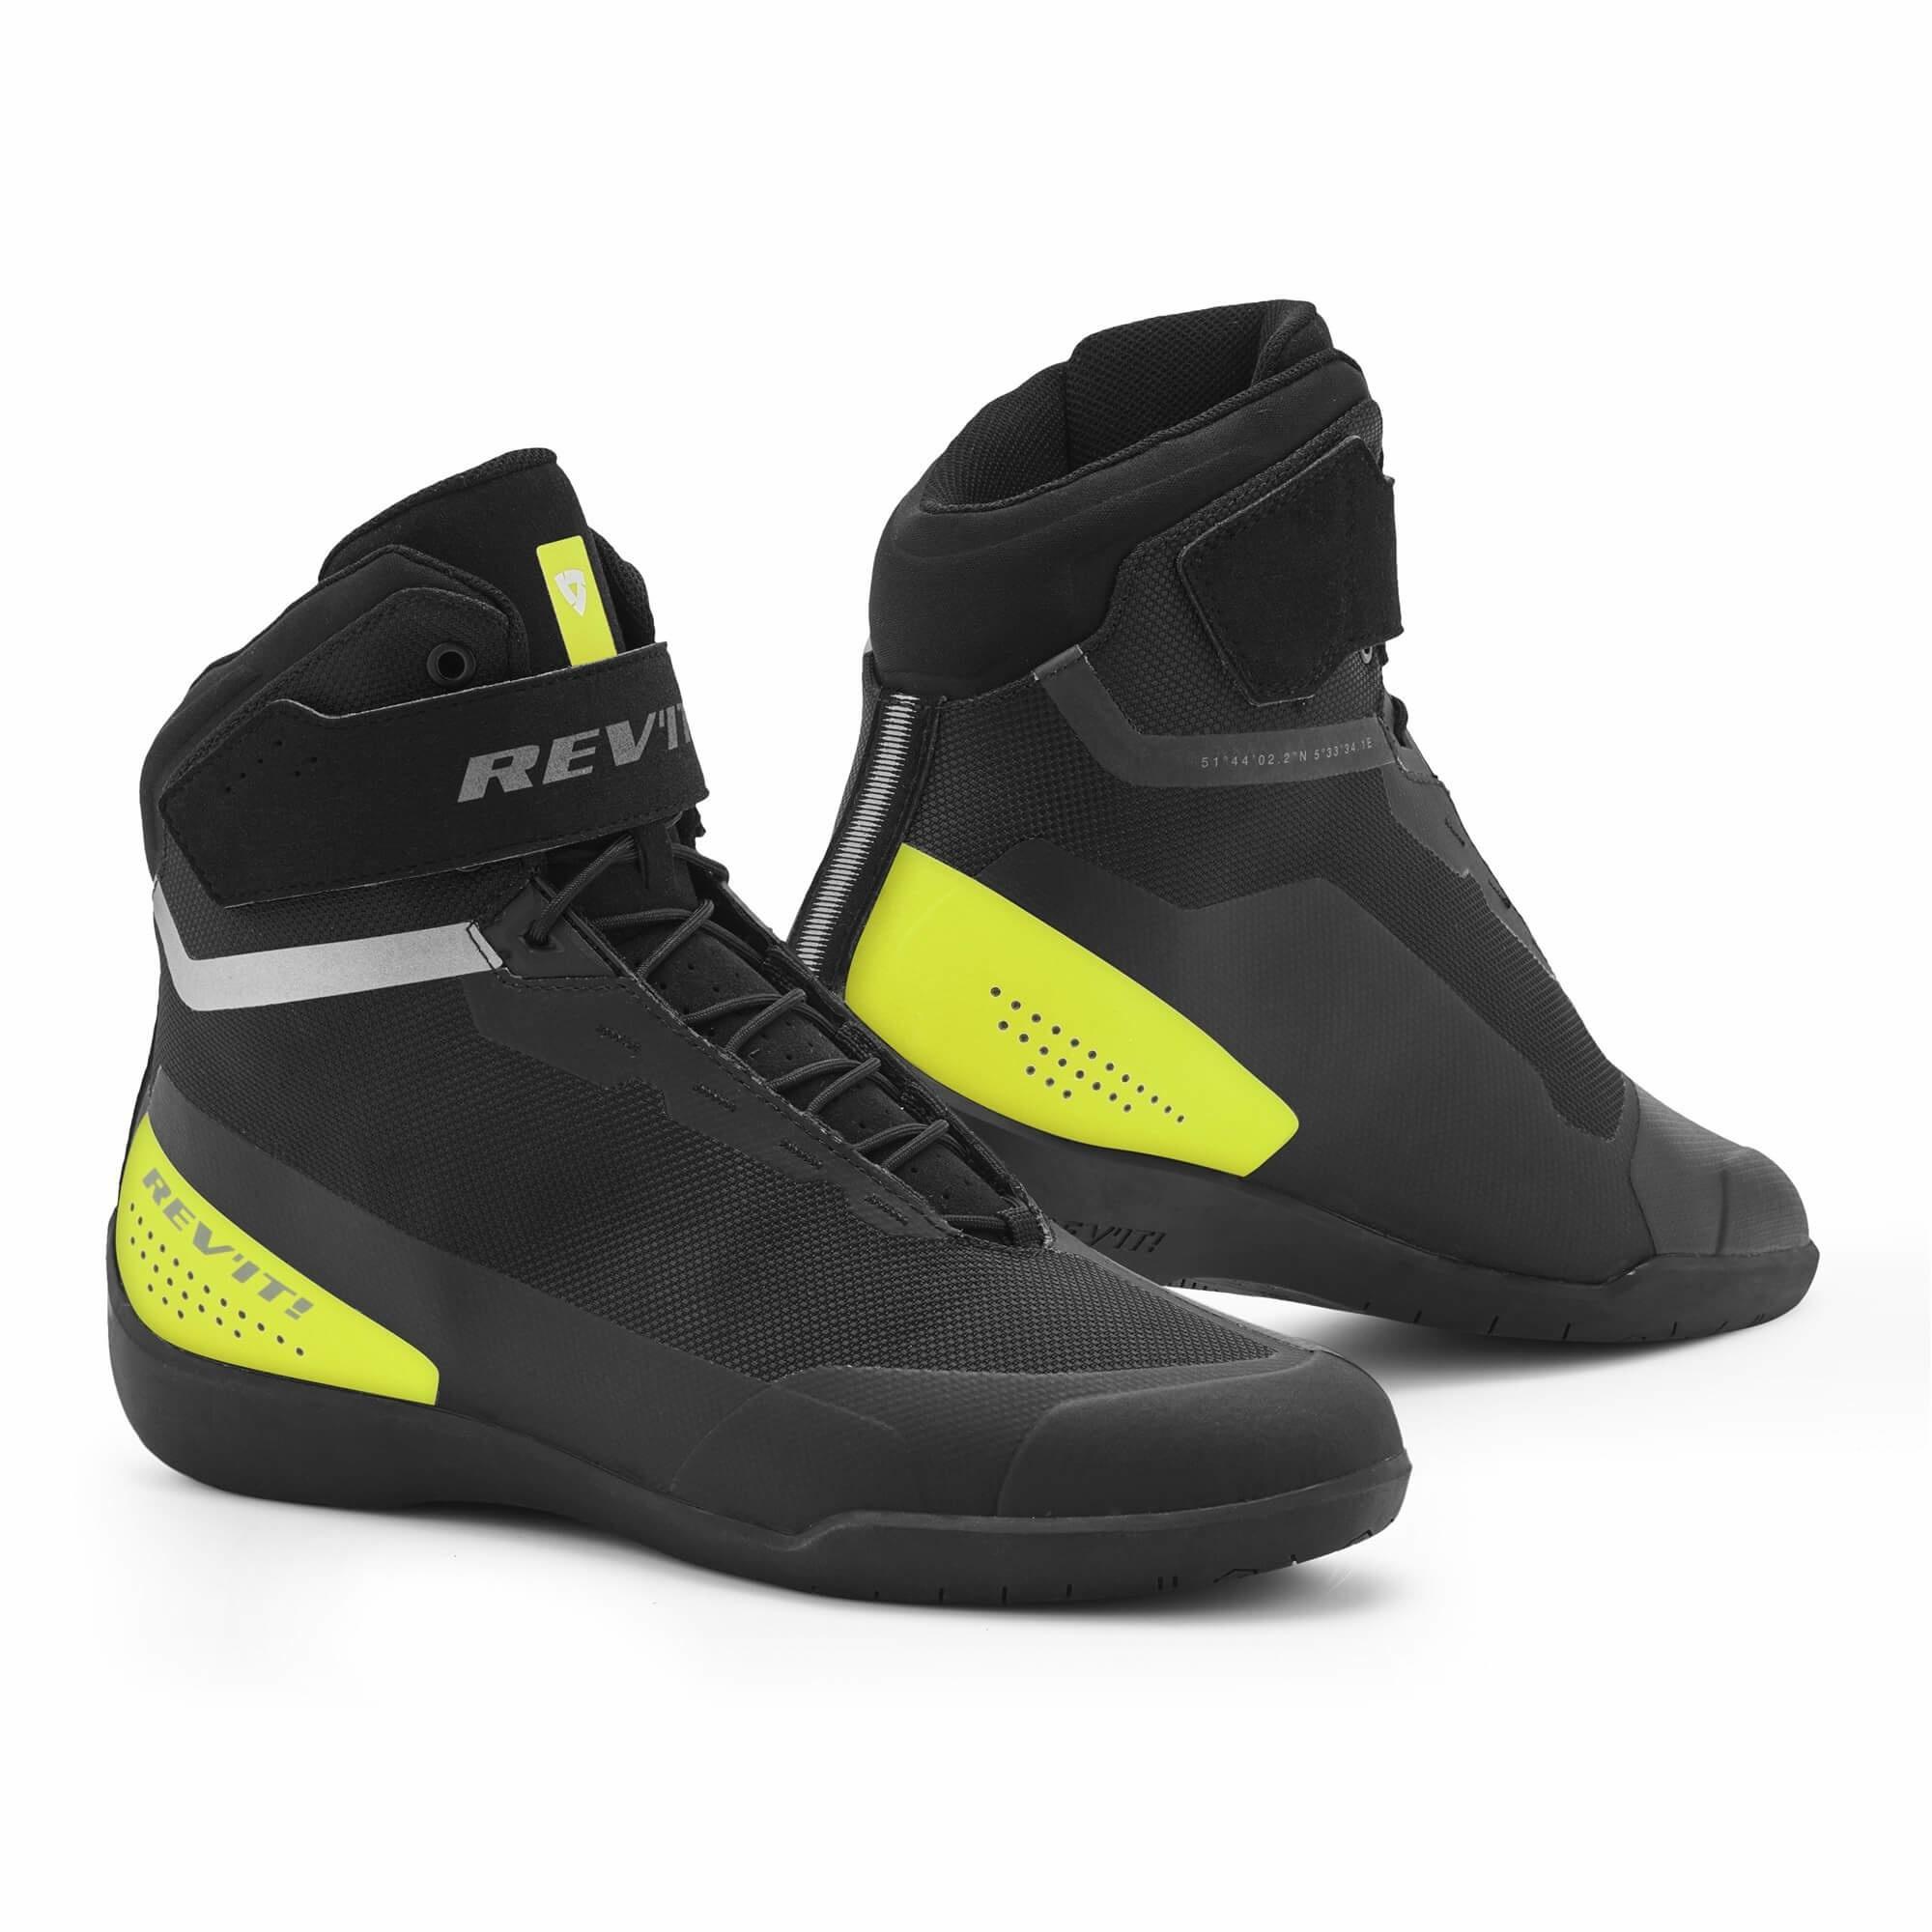 Revit Mission Black Neon Yellow Shoes +